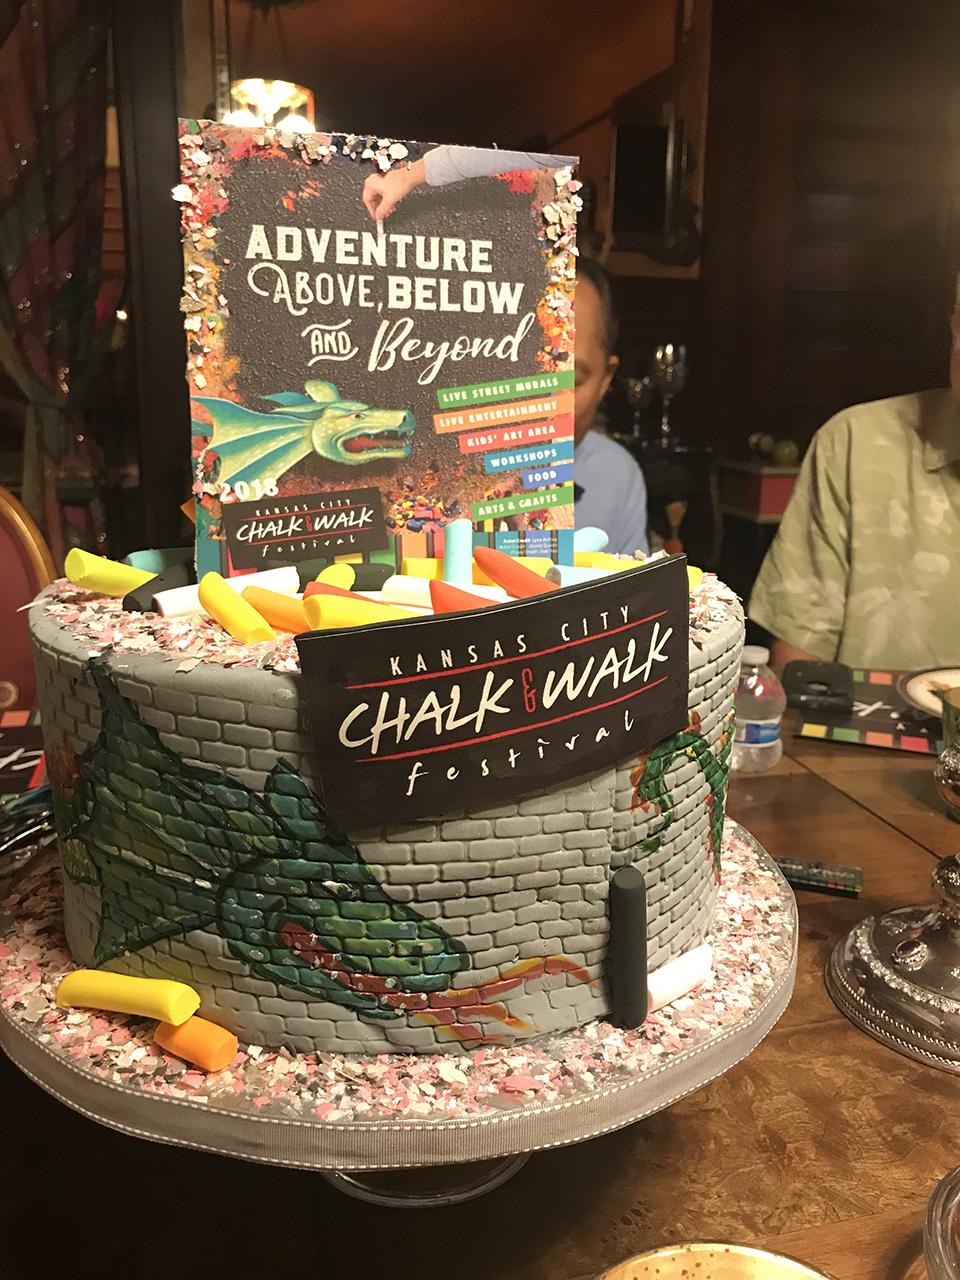 Chalk art cake.